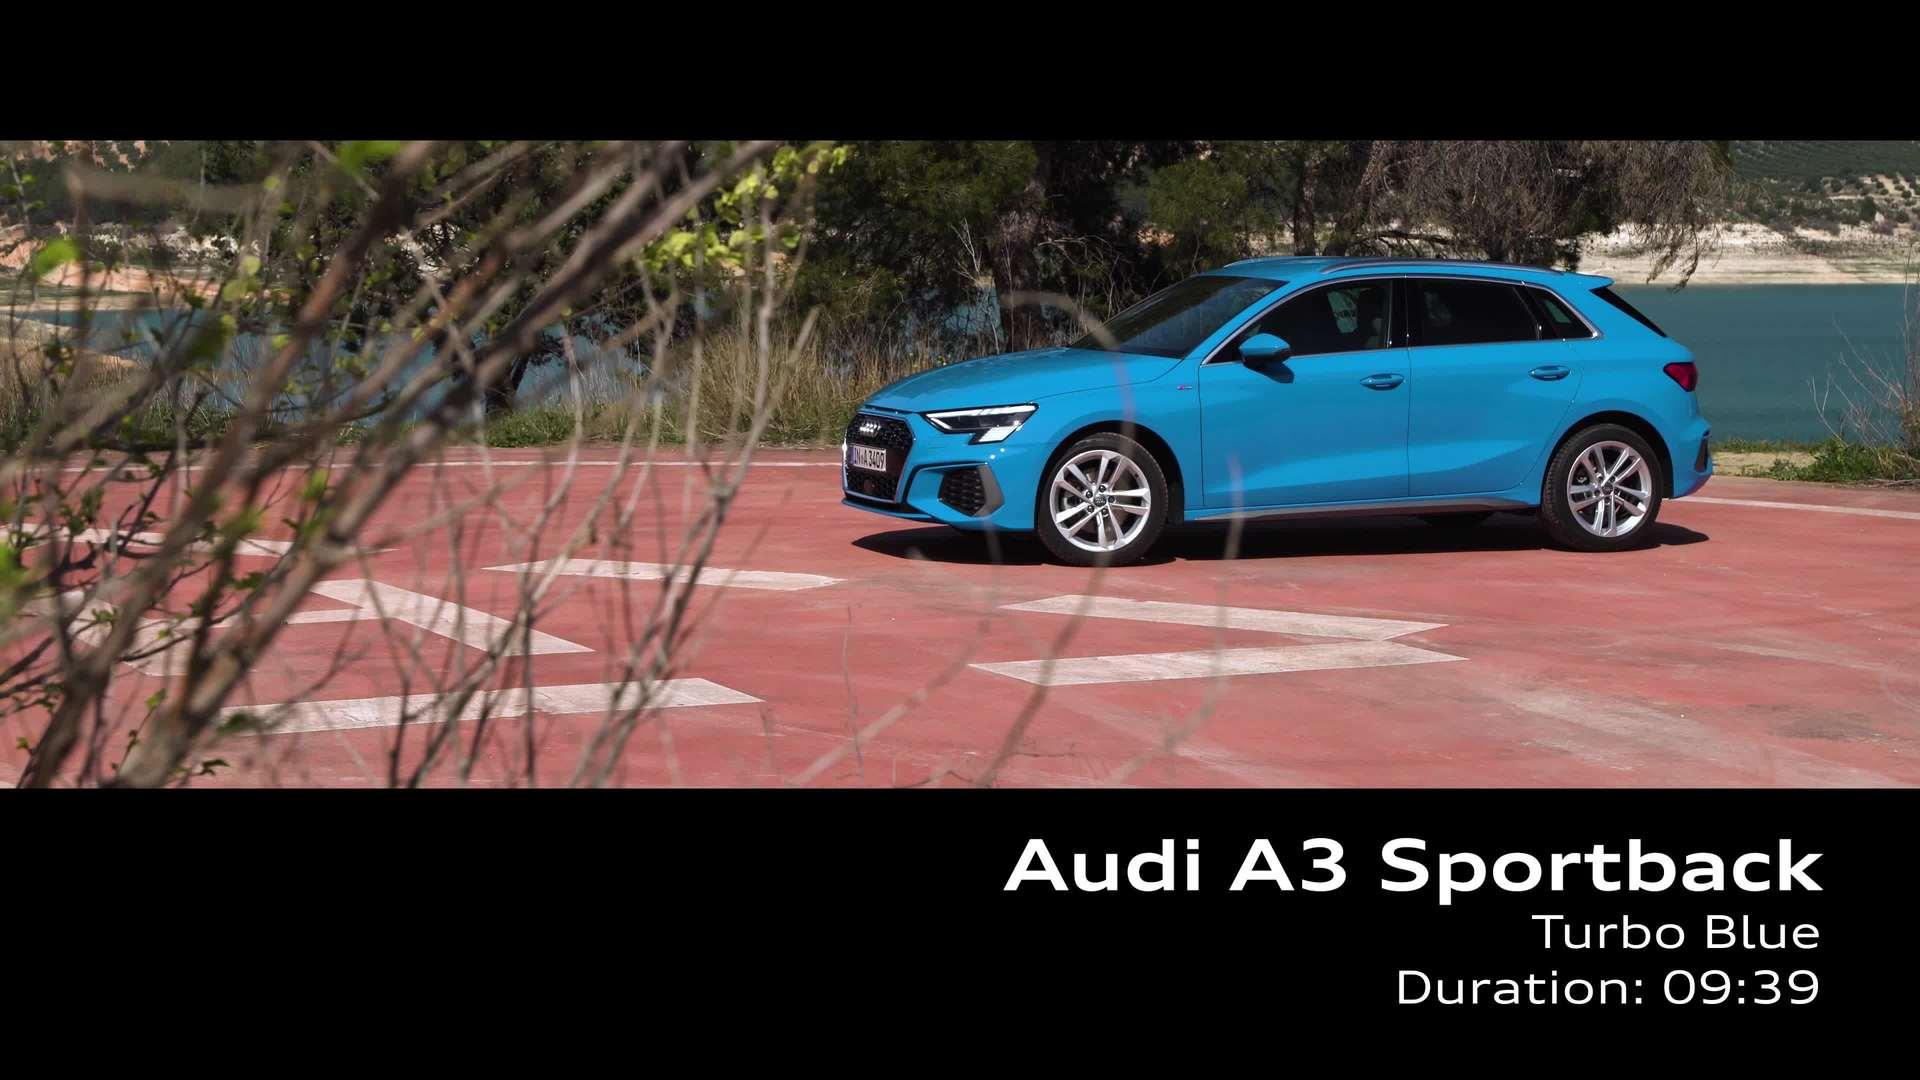 Audi A3 Sportback on location - turbo blue (Footage)